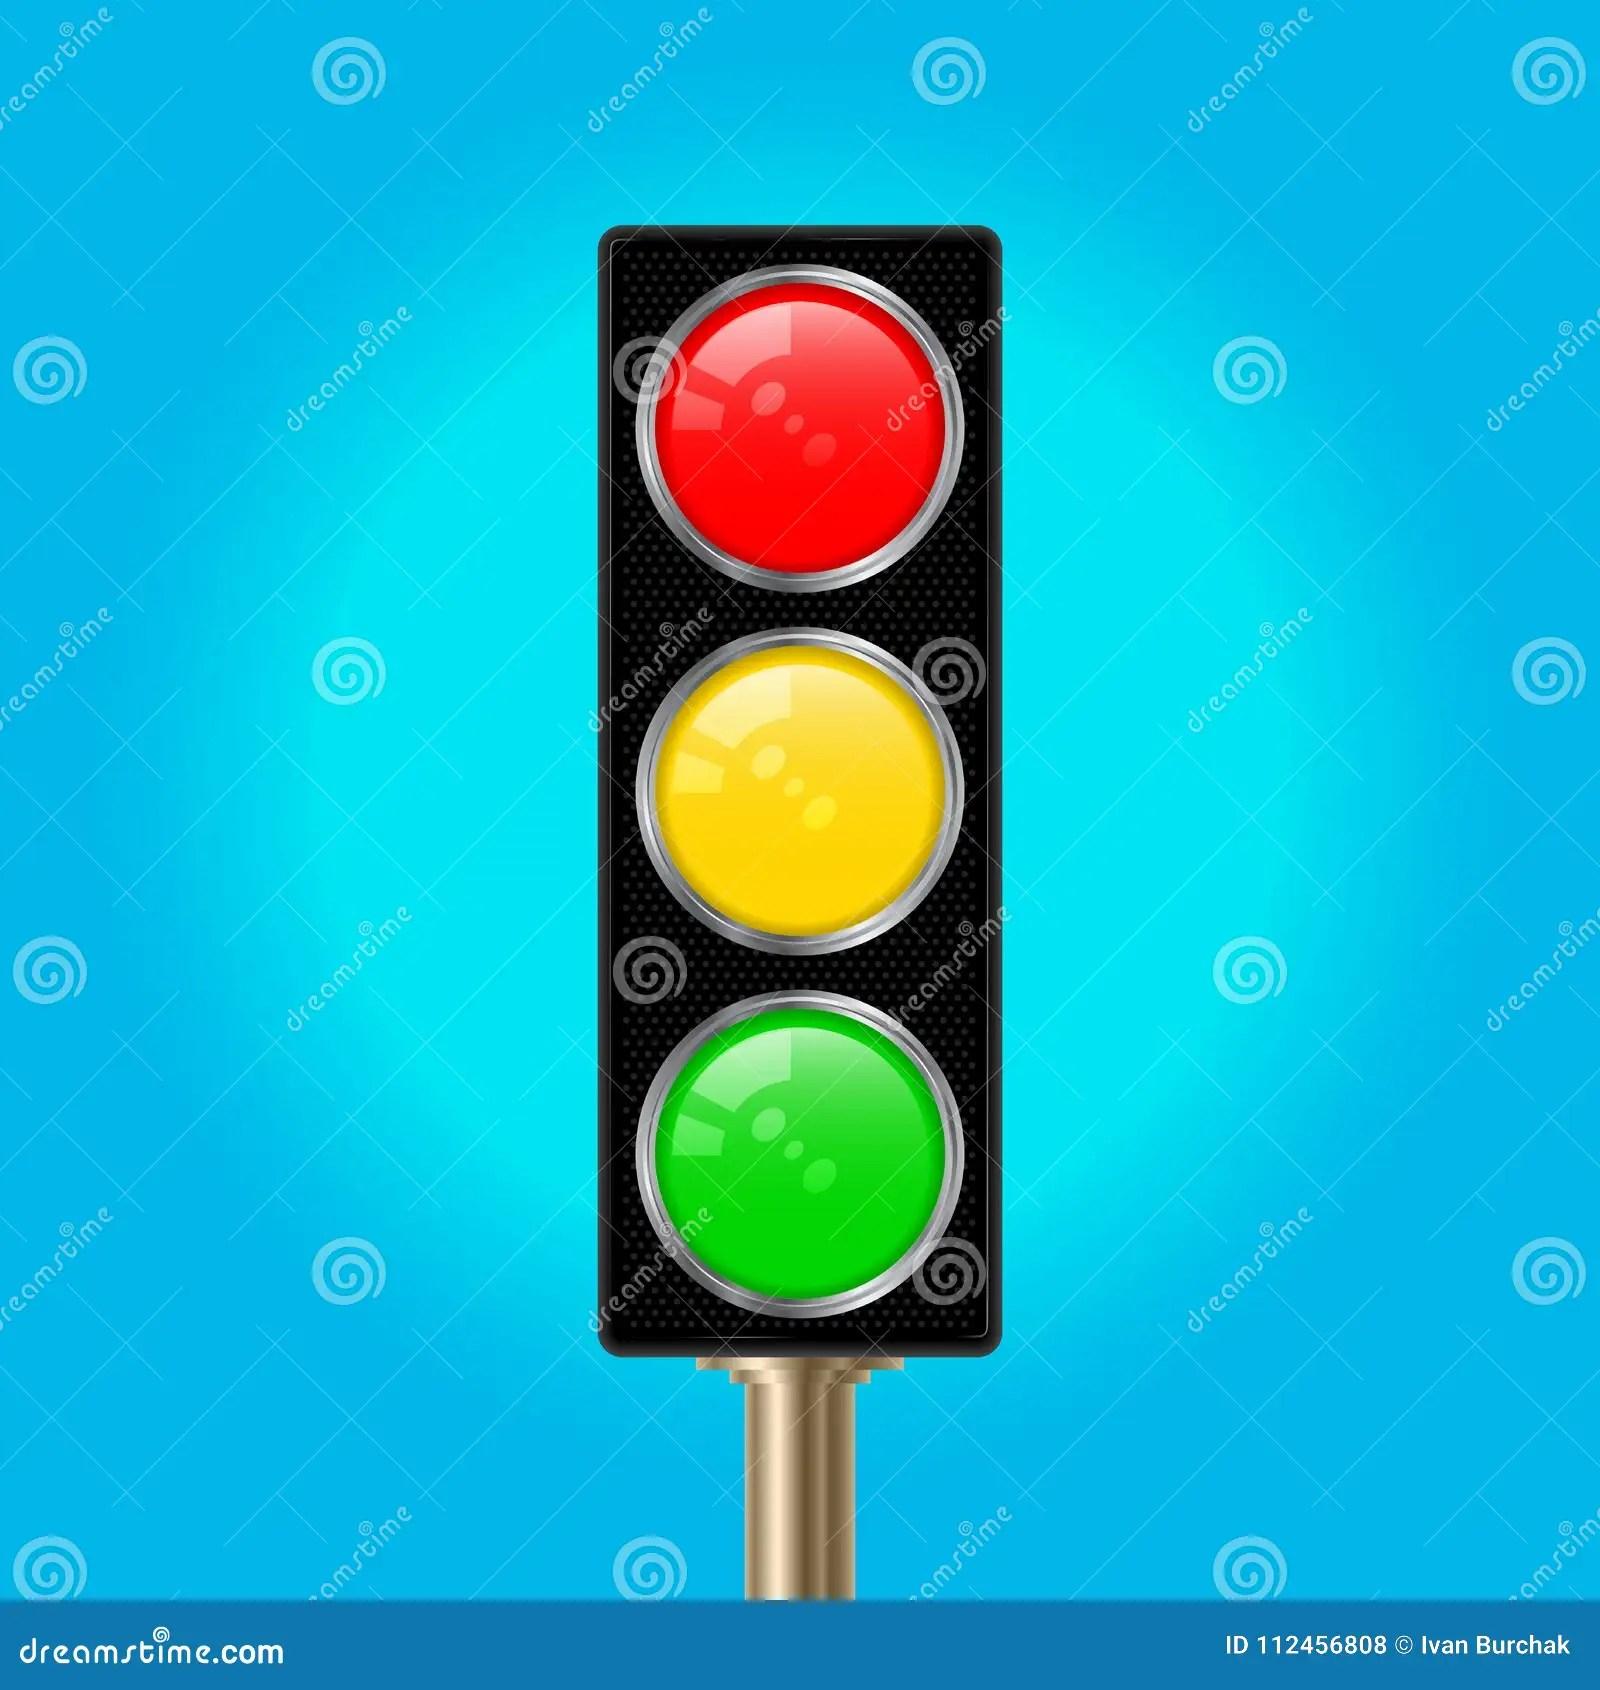 Traffic Light Pole Vector Illustration Stock Vector